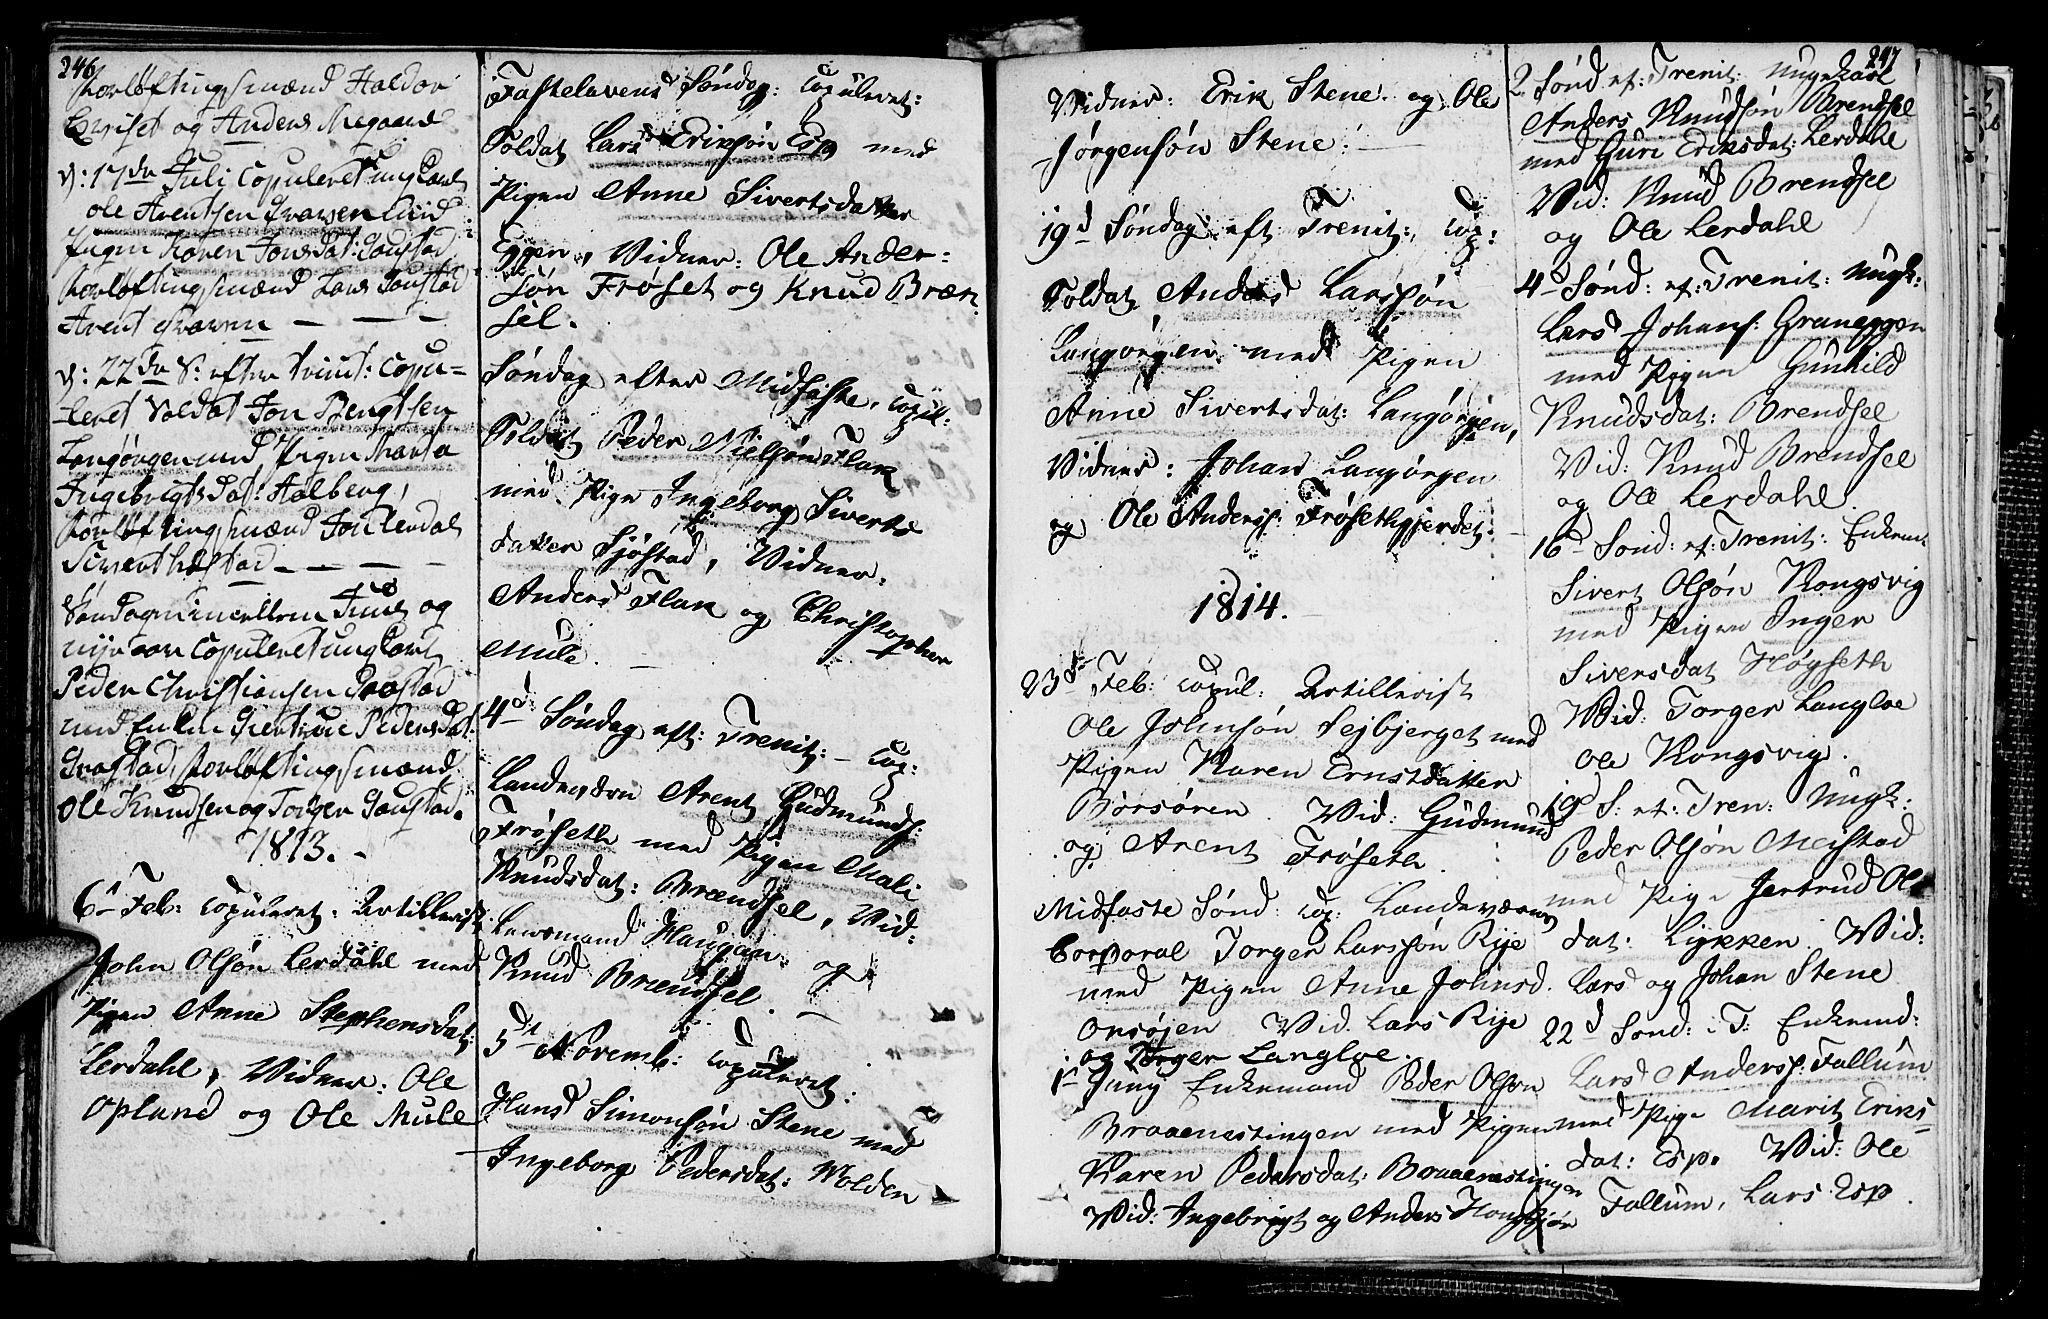 SAT, Ministerialprotokoller, klokkerbøker og fødselsregistre - Sør-Trøndelag, 612/L0371: Ministerialbok nr. 612A05, 1803-1816, s. 246-247